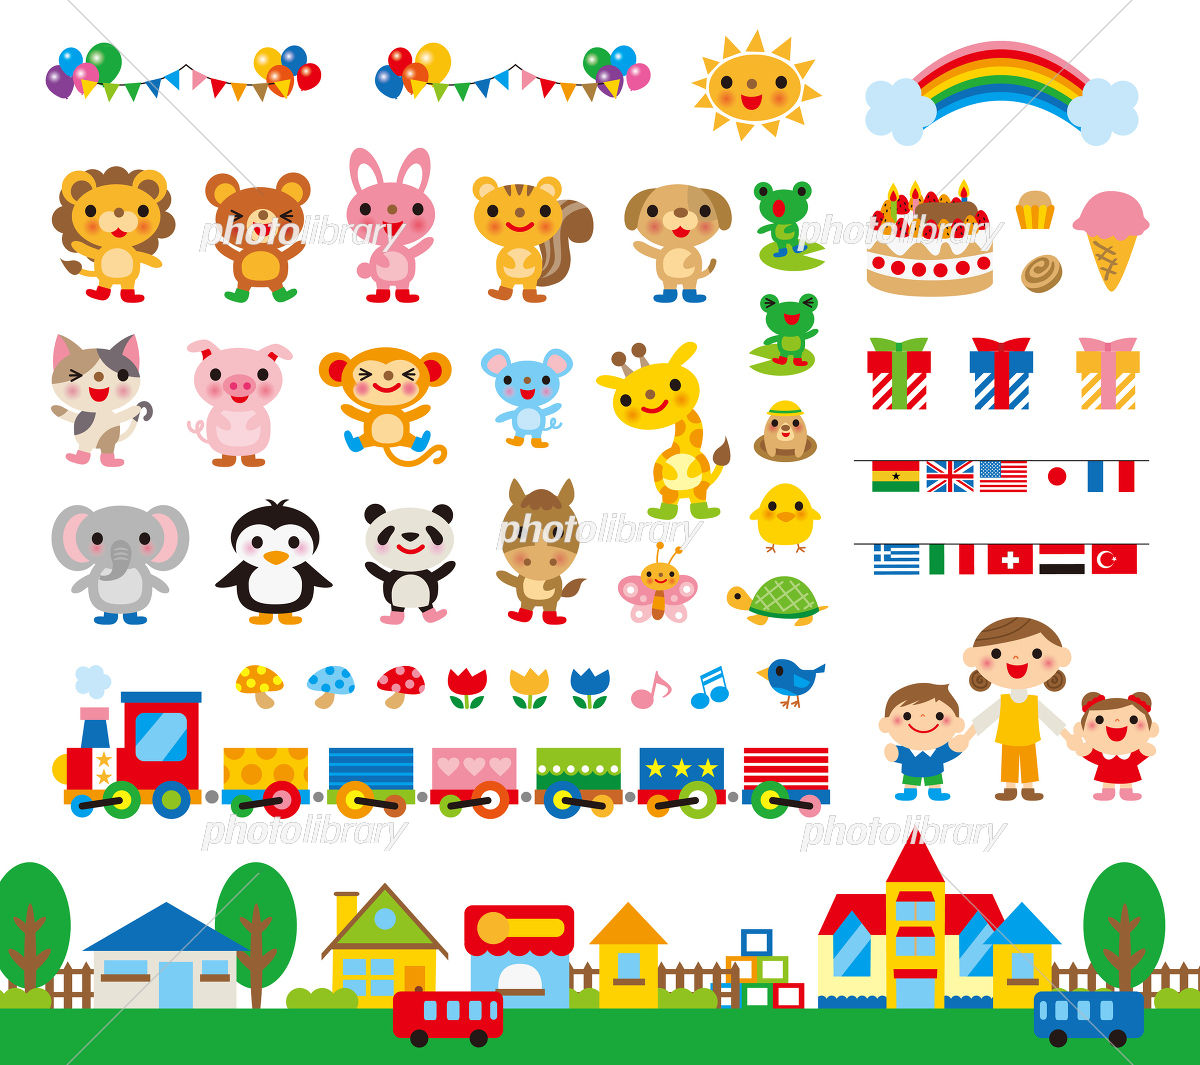 イラスト素材幼稚園保育園の先生におすすめ子供のイラスト